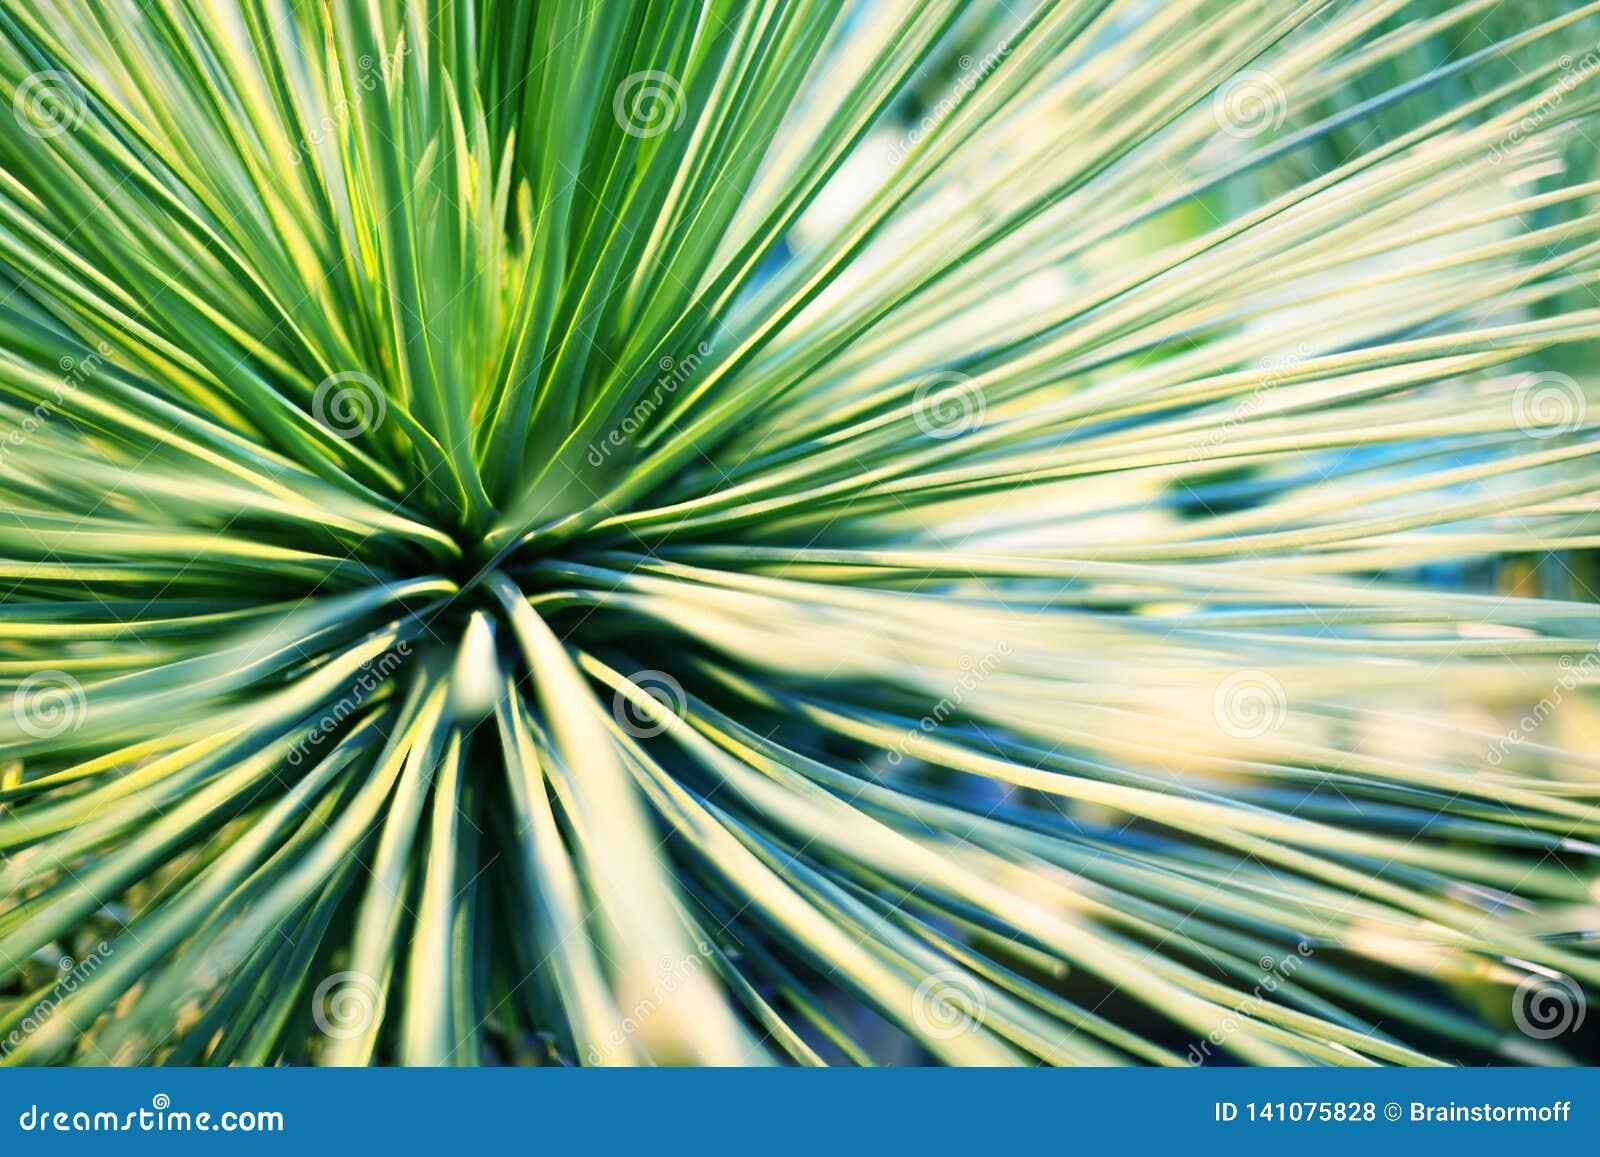 Βεραμάν φύλλα του φοίνικα ή της διακοσμητικής houseplant θολωμένης μακροεντολής κινηματογραφήσεων σε πρώτο πλάνο υποβάθρου